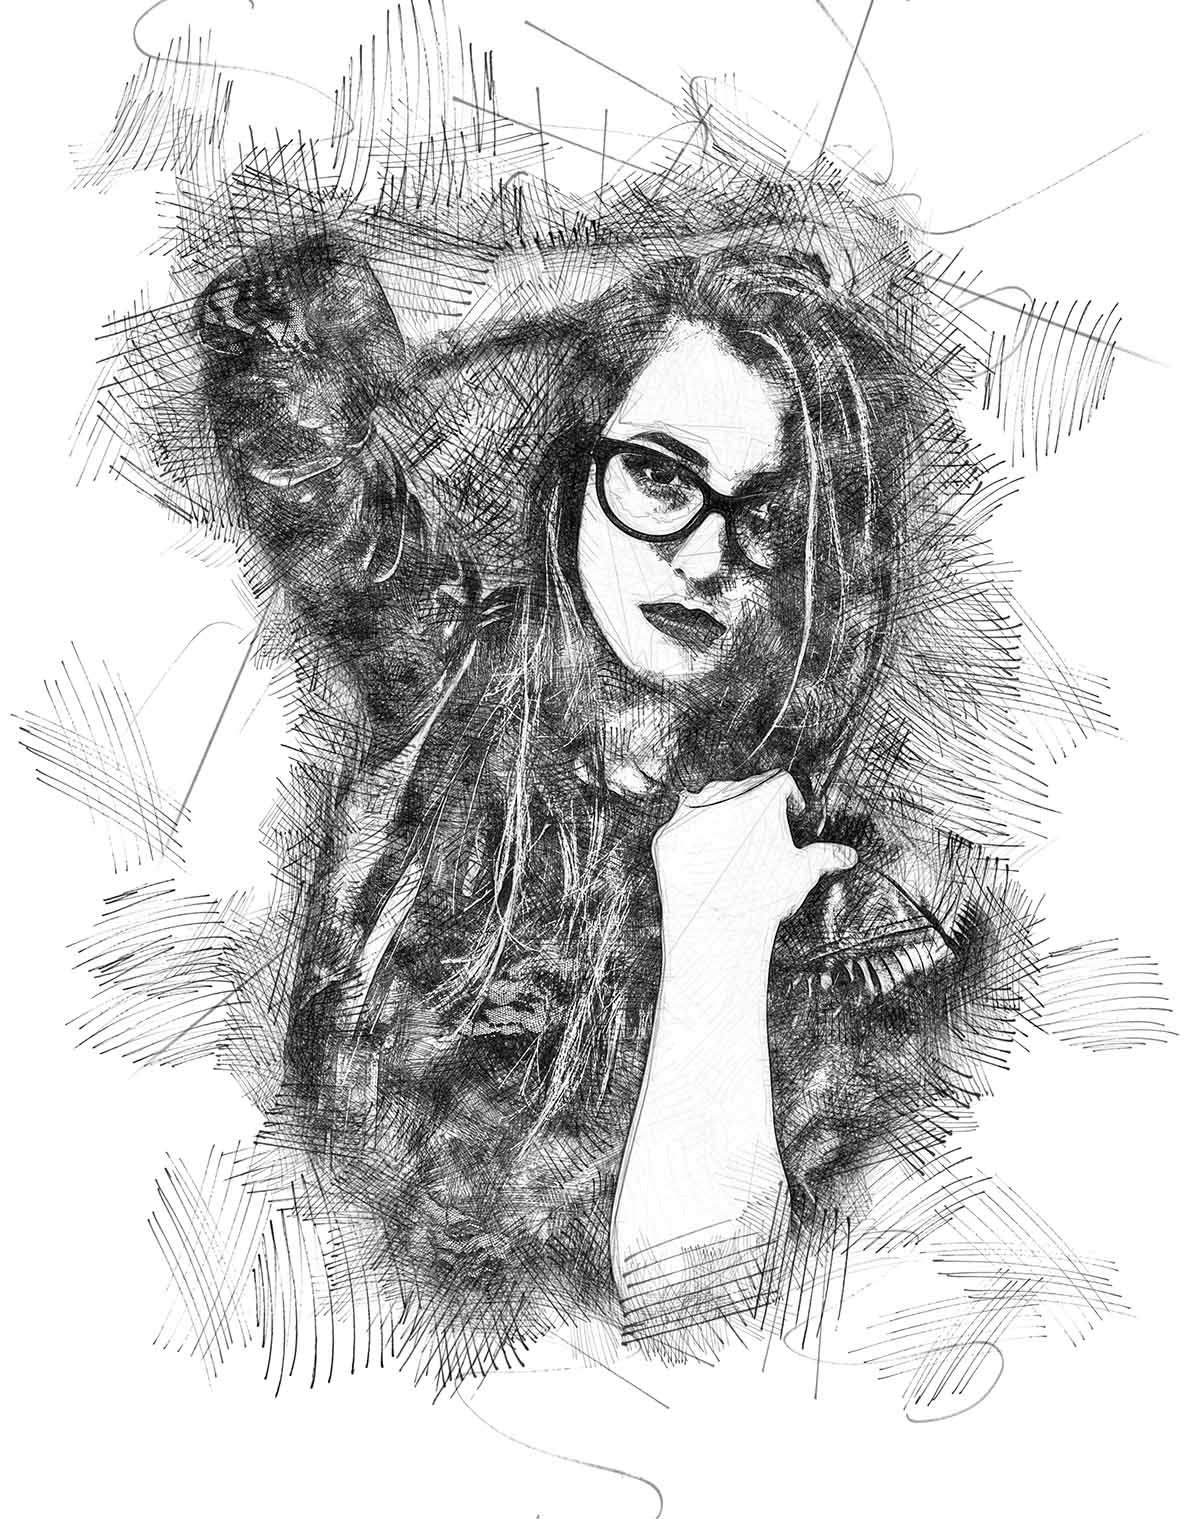 realistic-sketch-effect Felt-Pen Sketch Photoshop Action